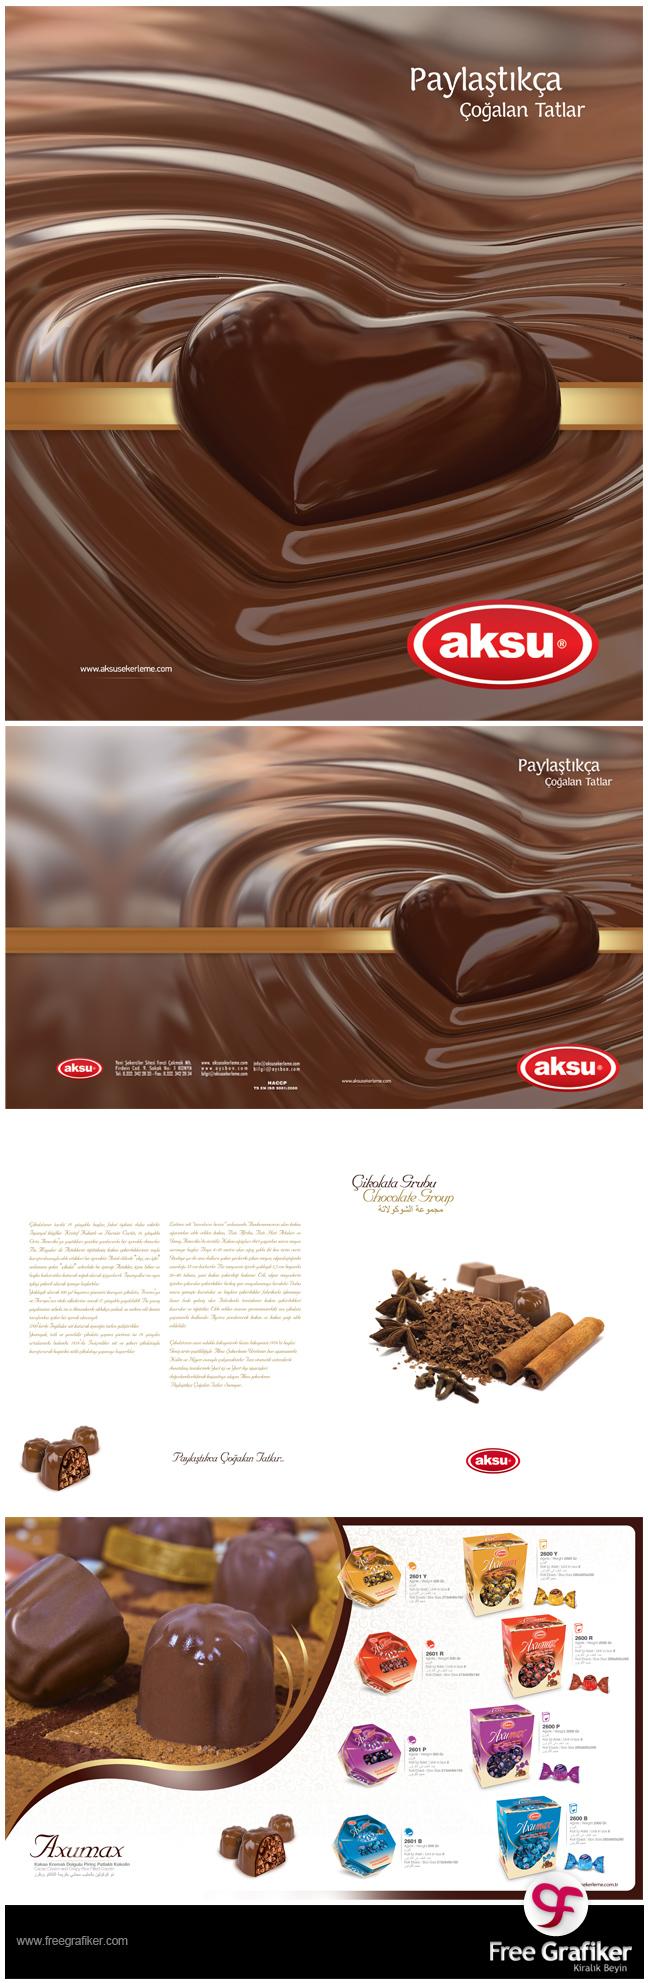 Aksu Şekerleme Ürün Kataloğu Tasarımı